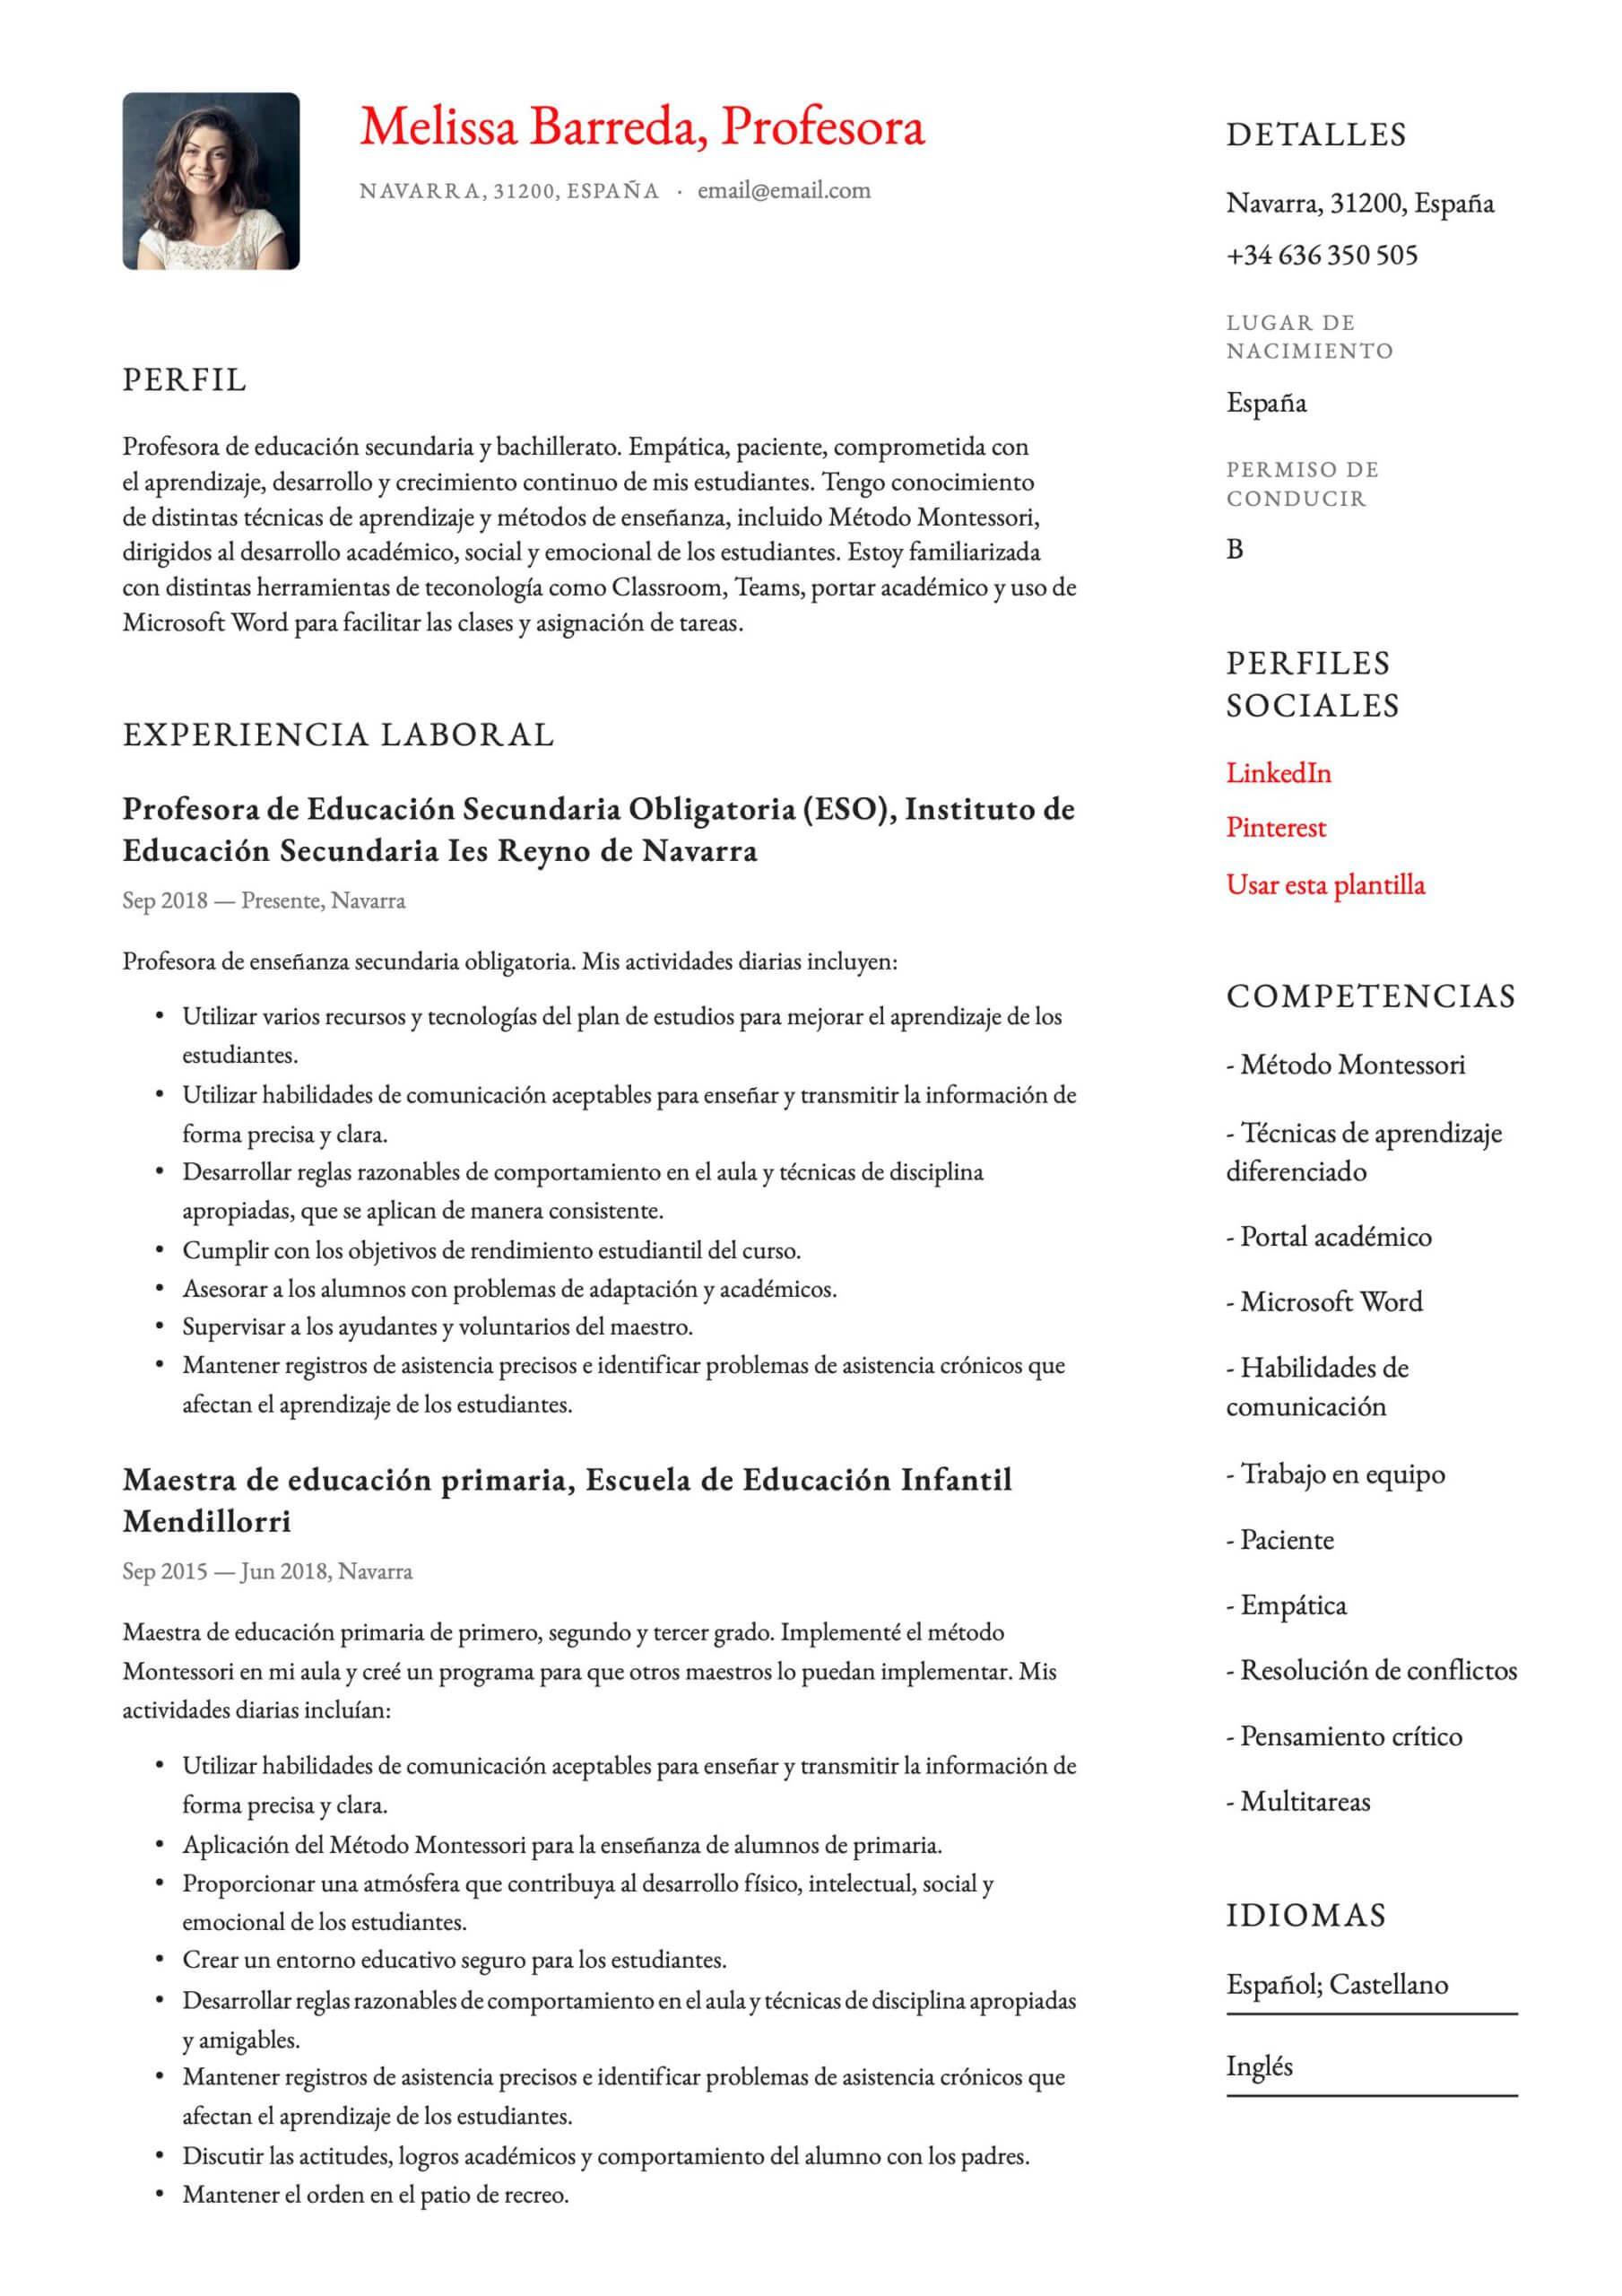 Currículum para profesor